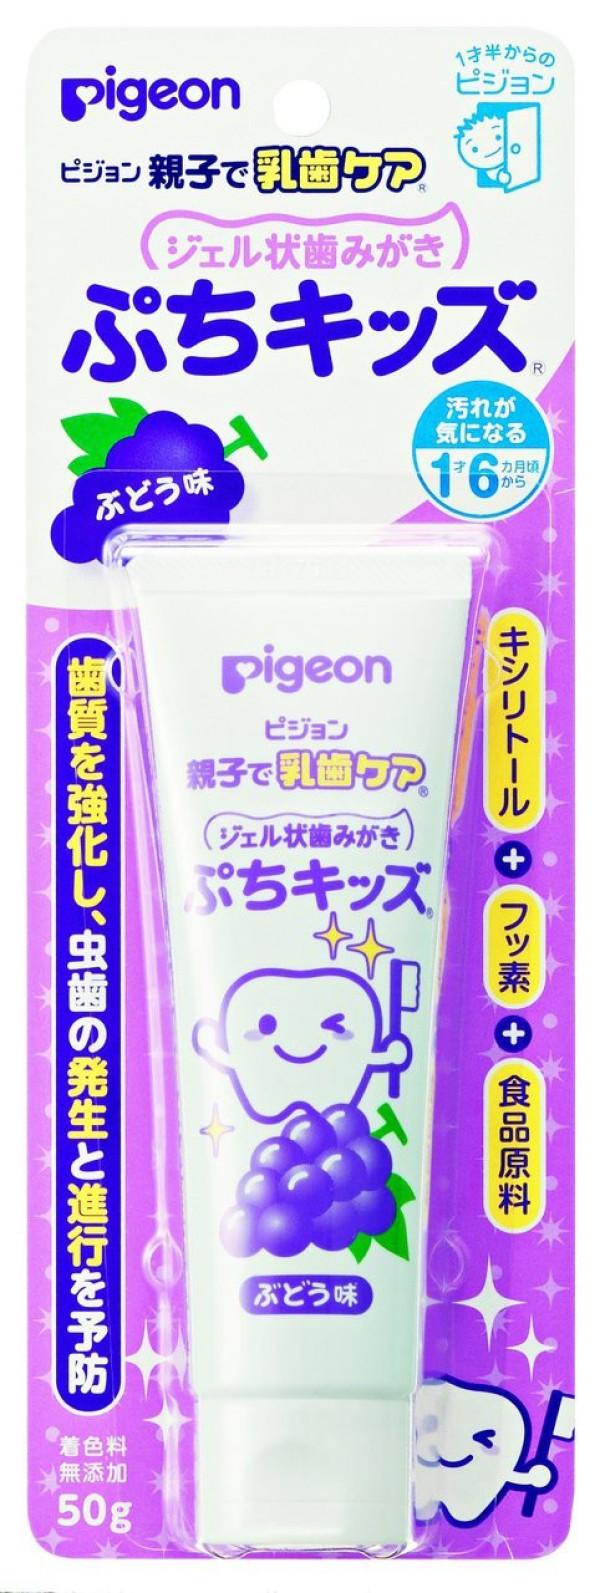 Gel Pigeon for cleaning milk teeth with the taste of strawberries